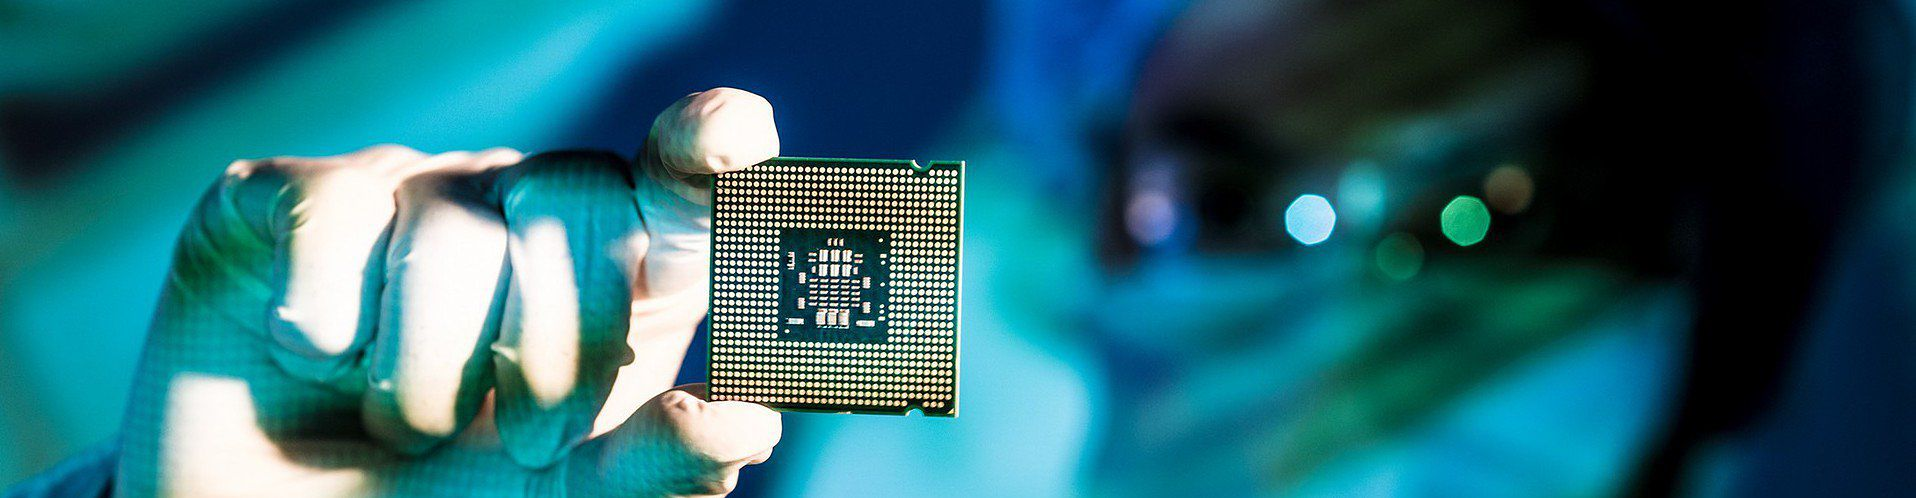 Zdjęcie inżyniera z mikrochipem pochodzi z serwisu Shutterstock